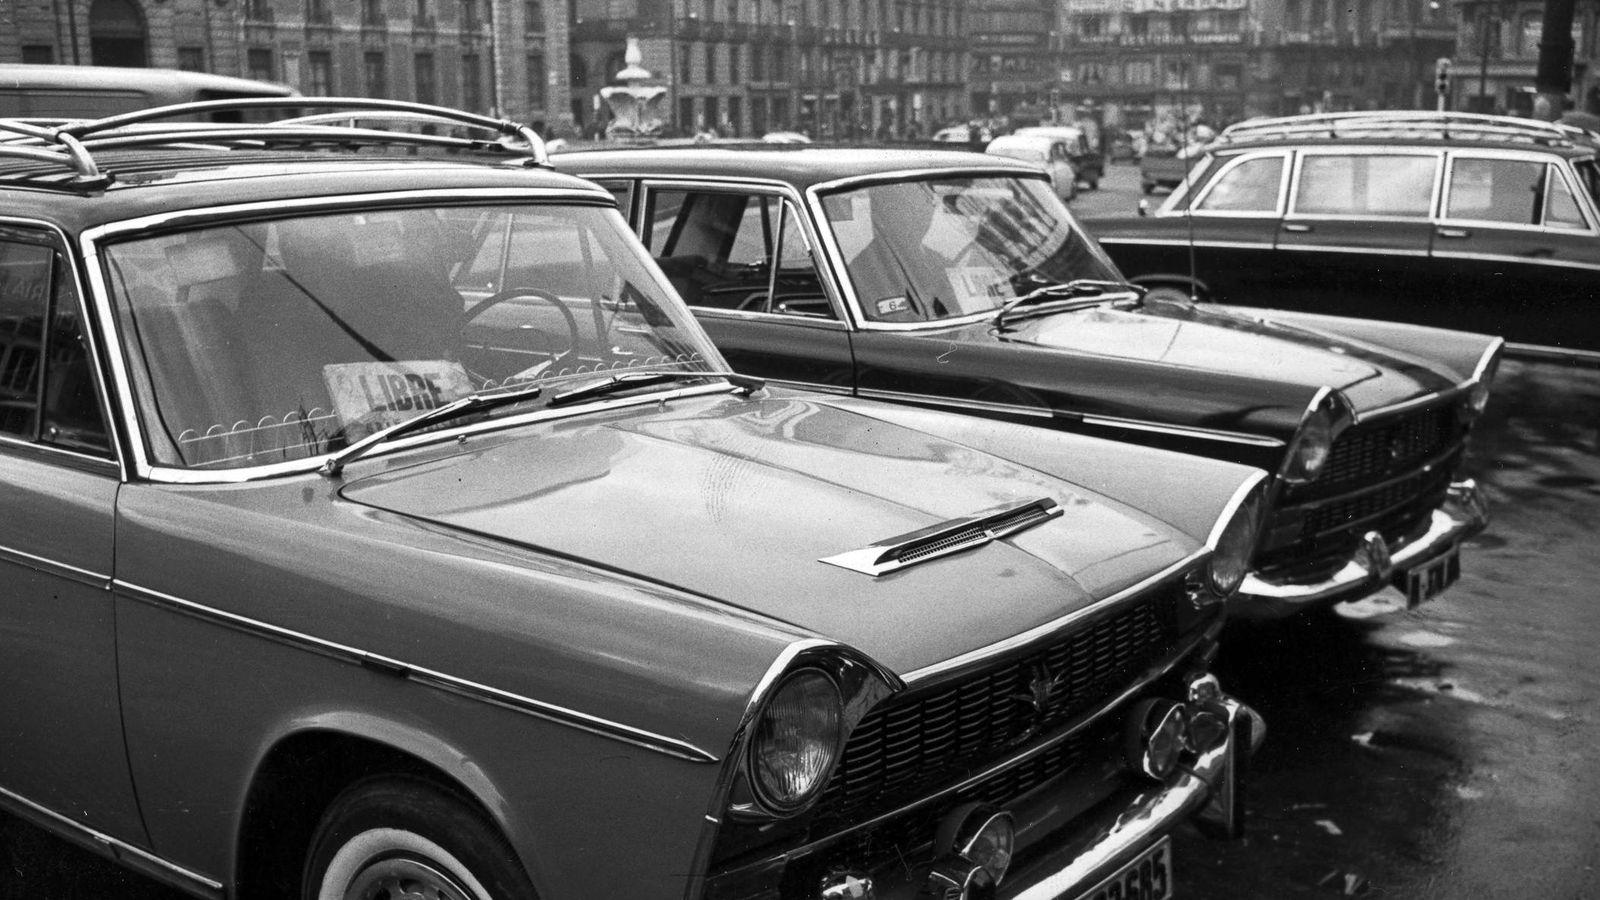 Foto: Parada de Gran Turismos en la puerta del Sol a principios de los años setenta. (Foto de Fundación Diario Madrid y proporcionada por Javier Leralta)